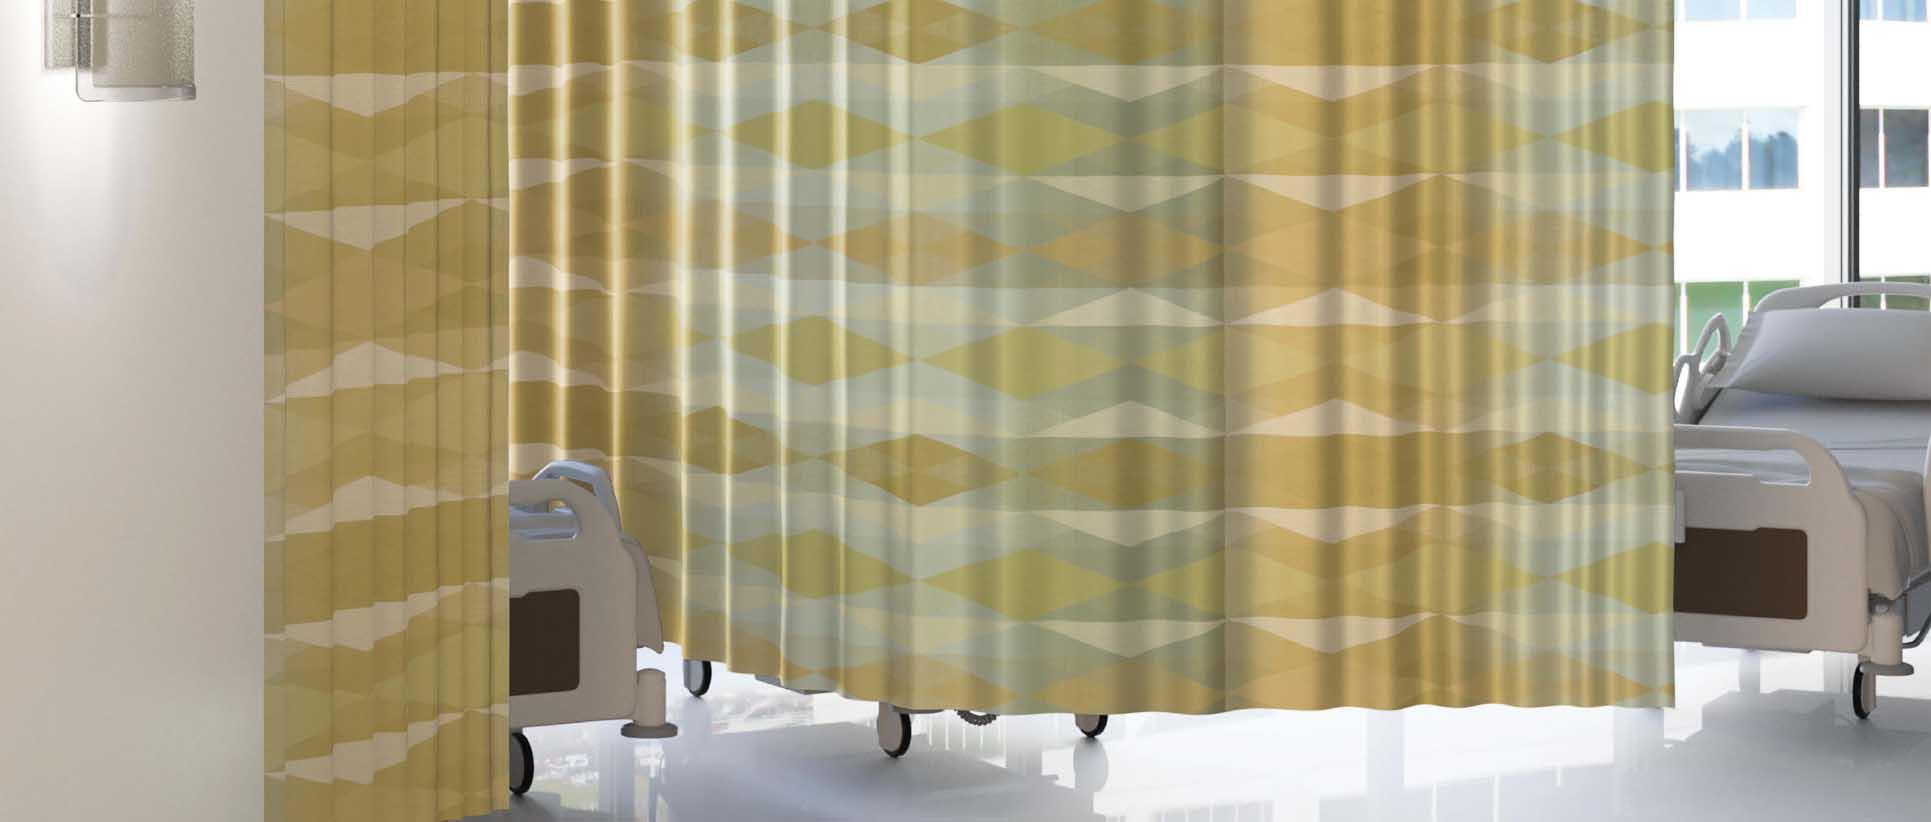 Healthcare Decor